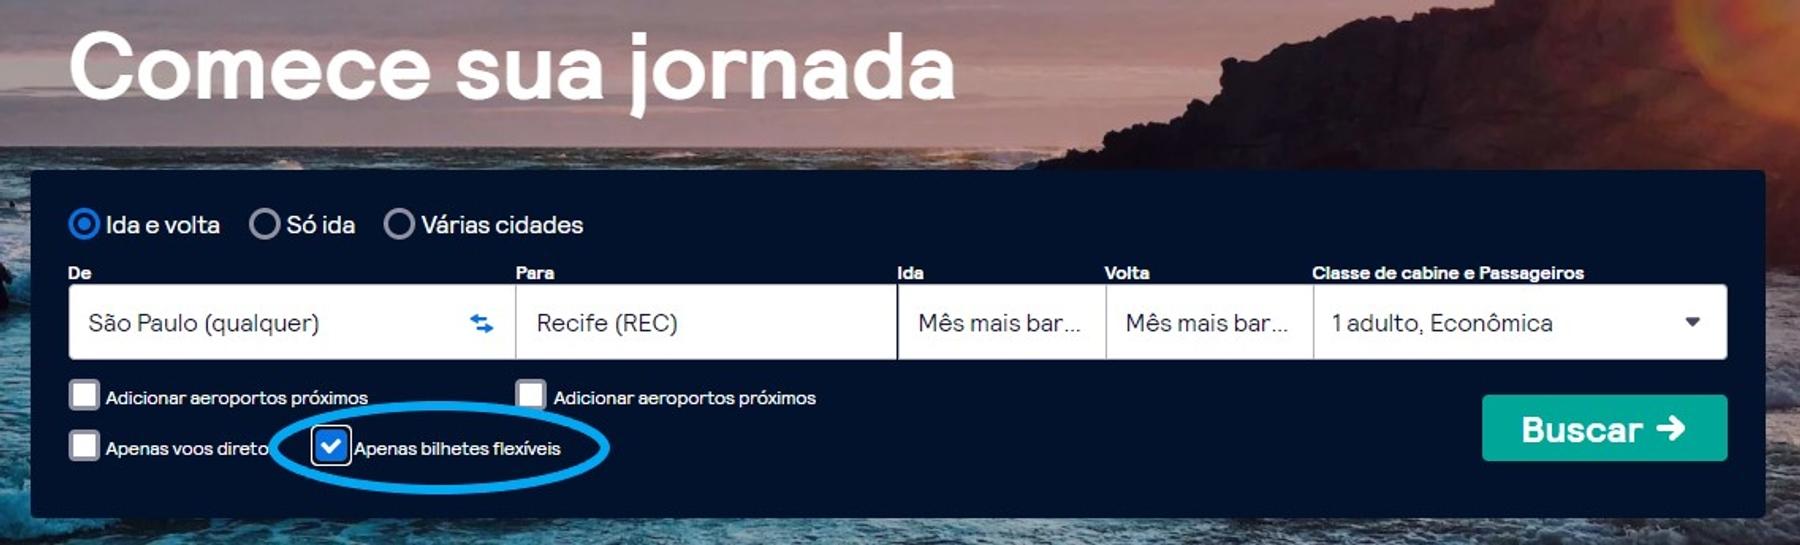 Página inicial de buscas de voos com destaque para a possibilidade de reservas flexíveis.